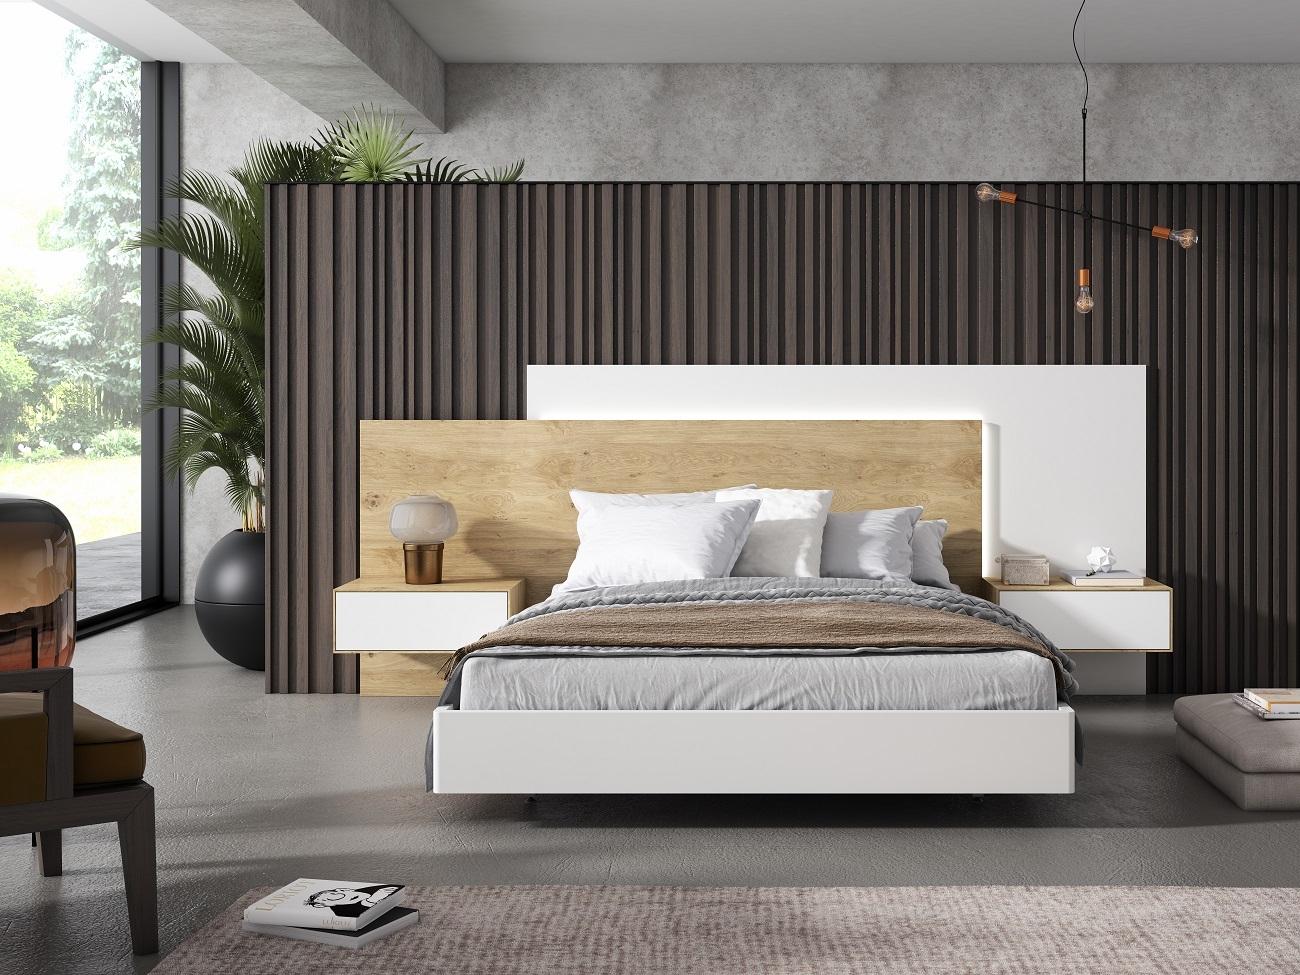 Conjunto de Dormitorio Ilusion Relax Free + Cube - Conjunto de Dormitorio Ilusion Relax Free + Cube